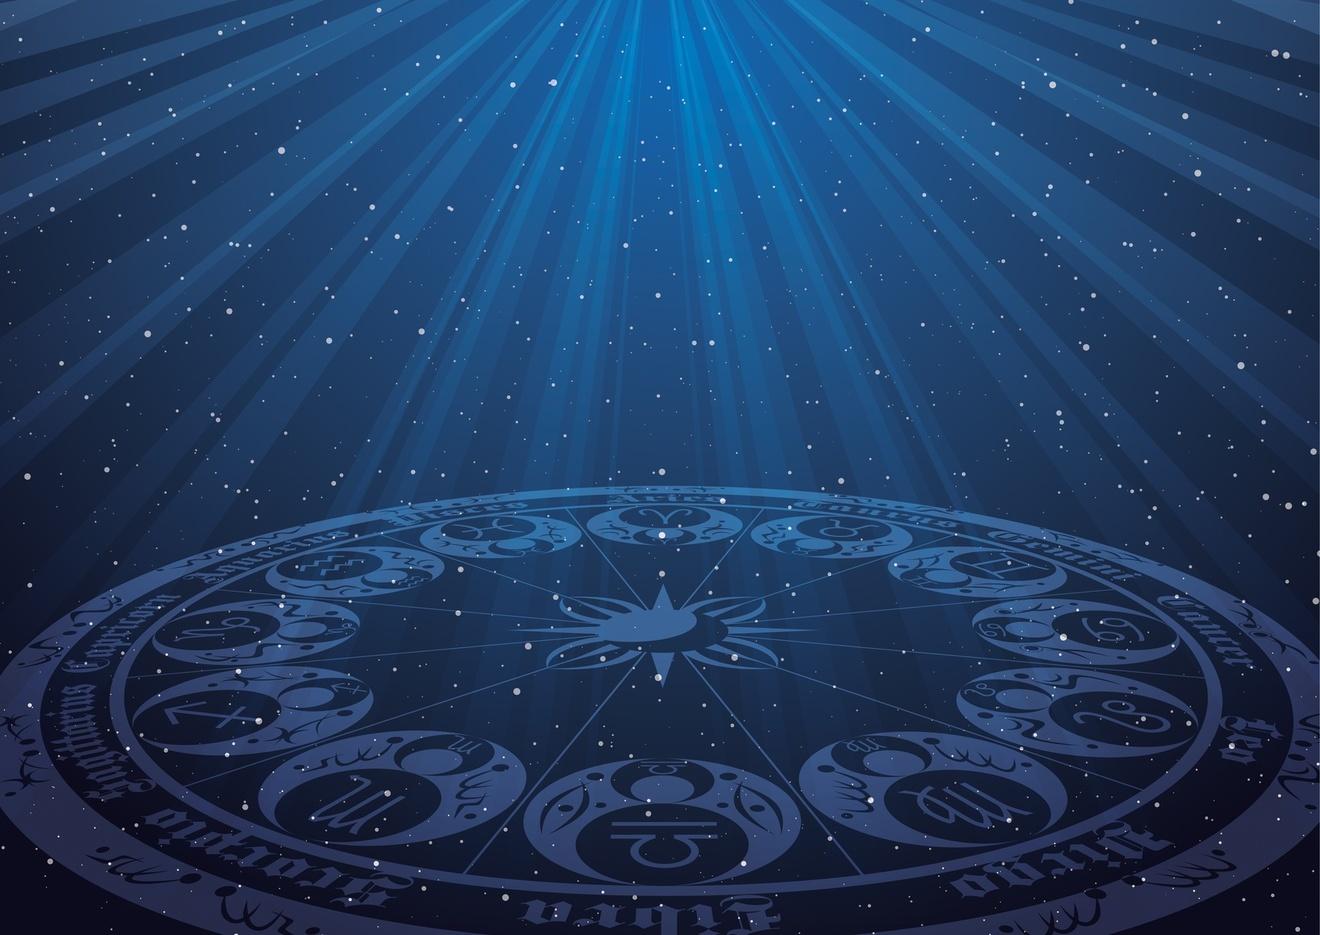 奥泉光のおすすめ小説12選!現実と夢を往復しながら展開する「謎」を描く